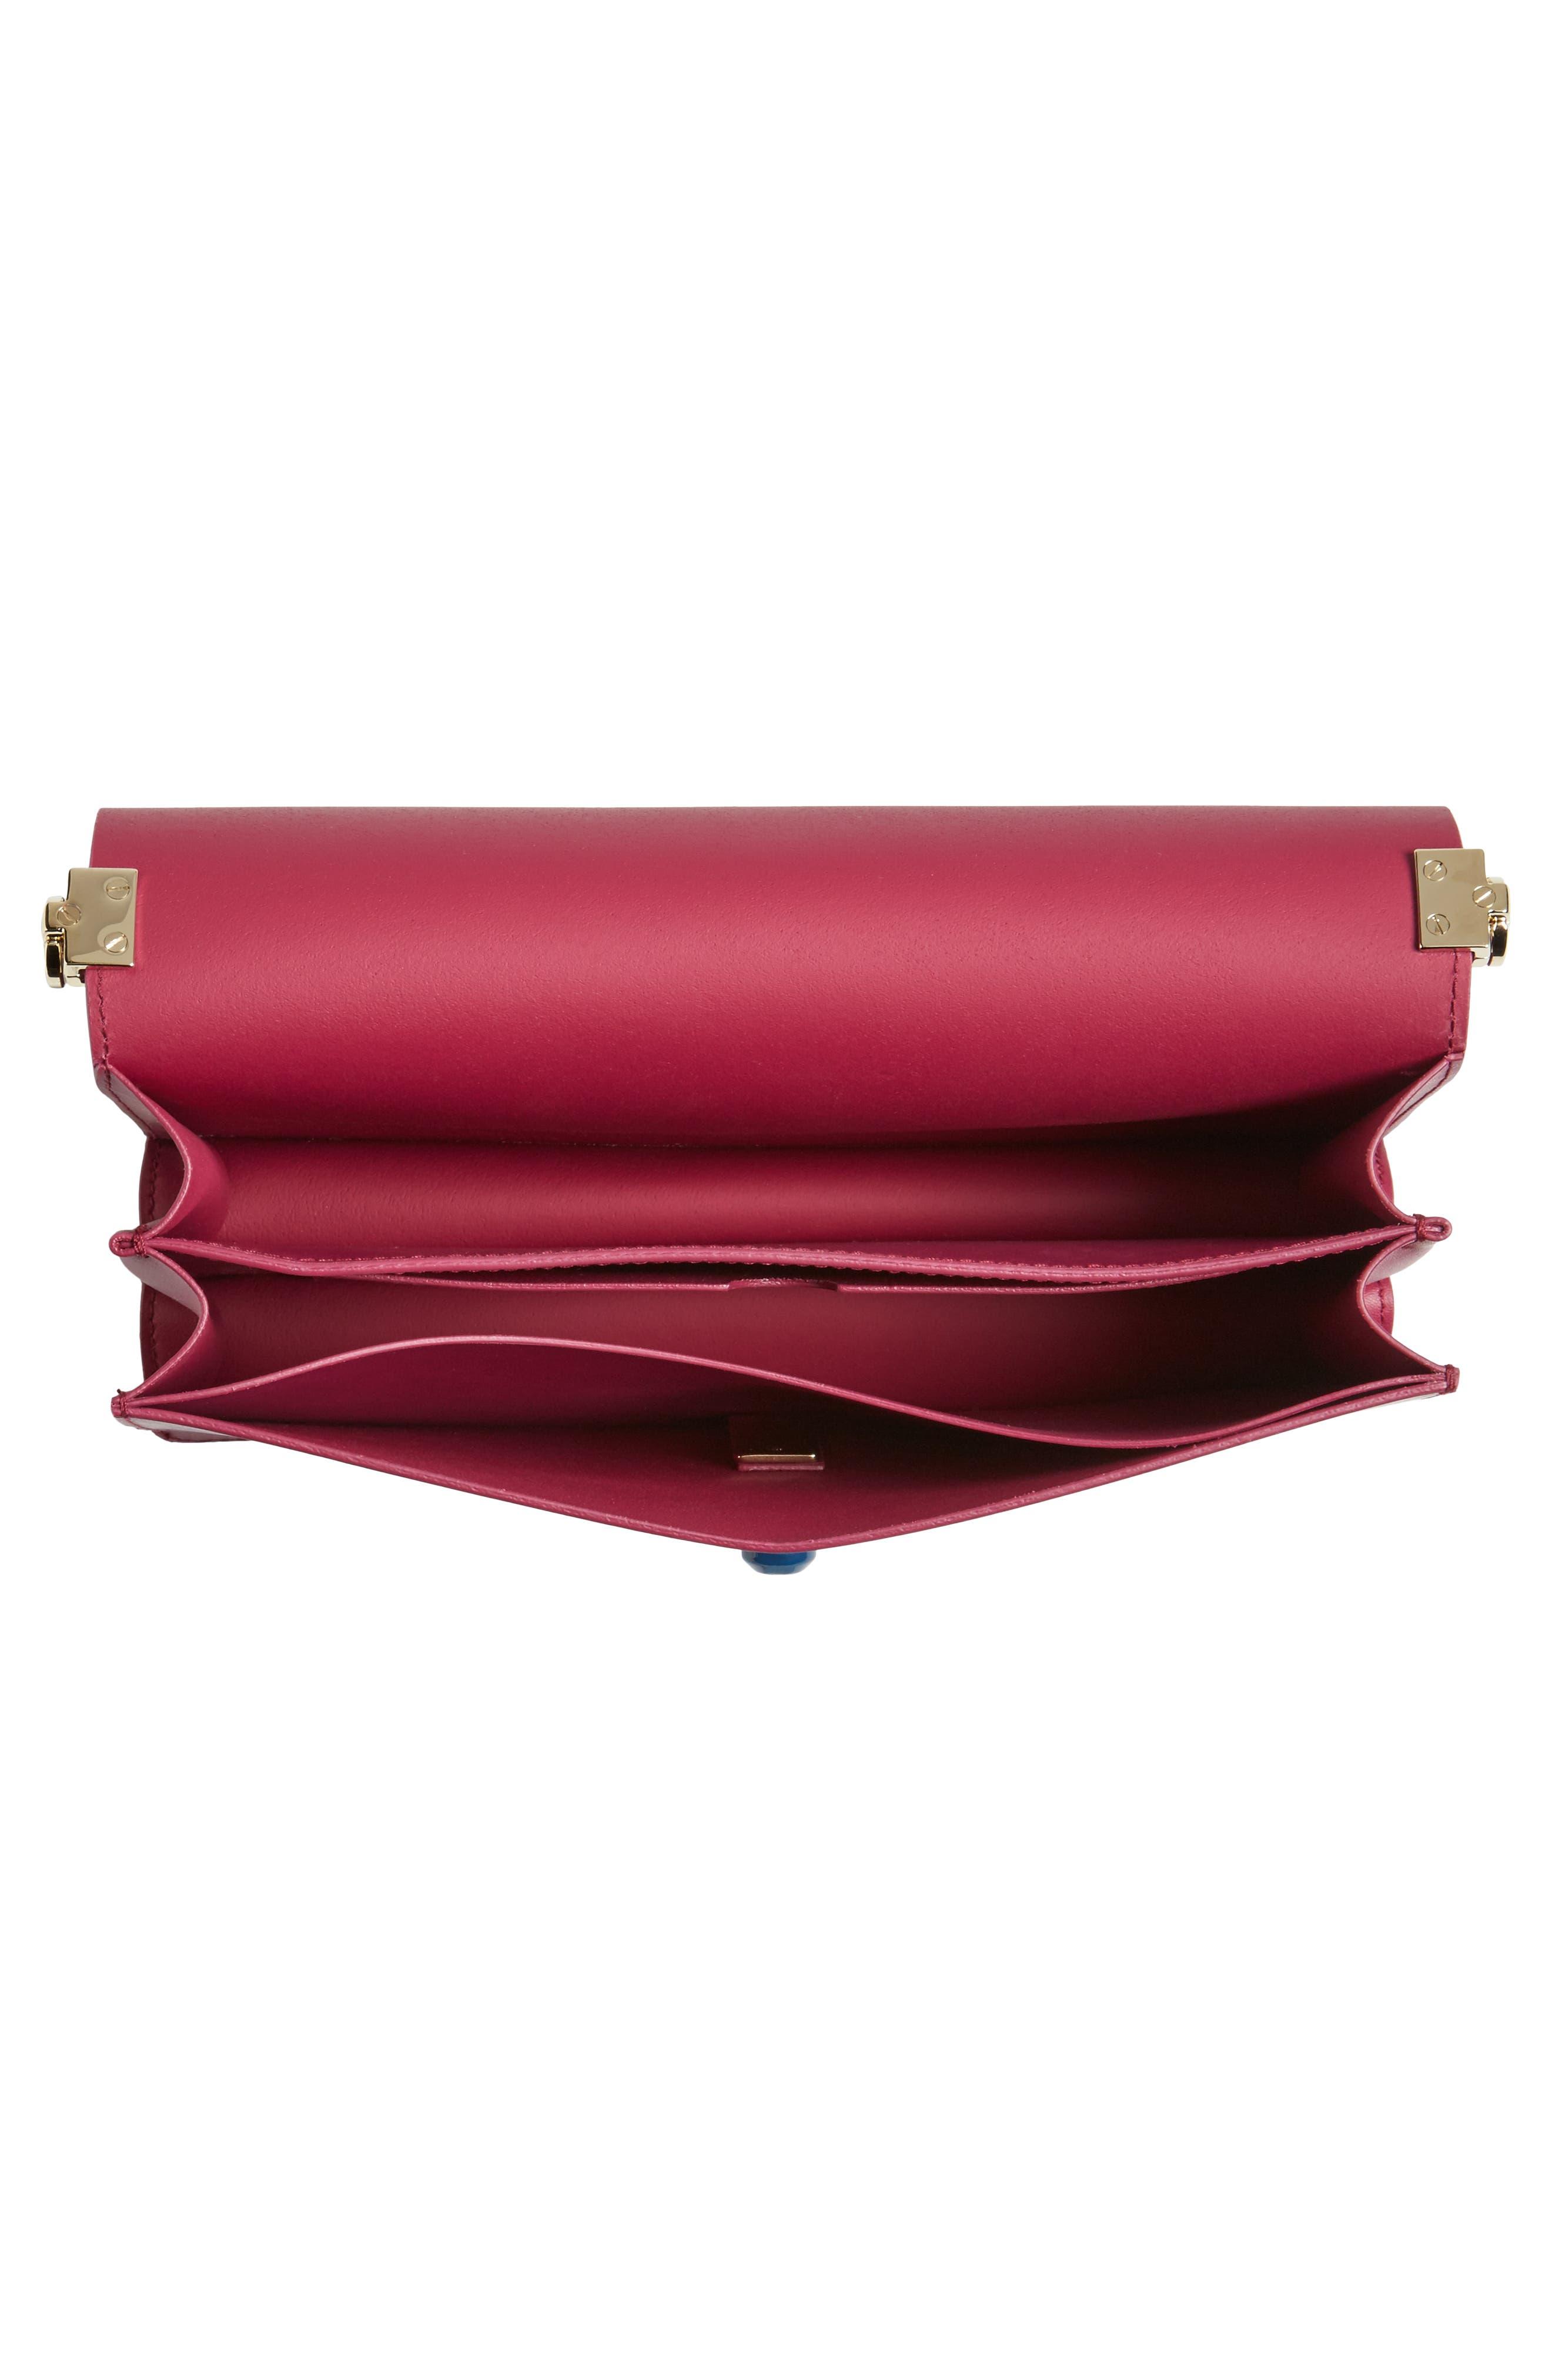 Snap Leather Shoulder Bag,                             Alternate thumbnail 4, color,                             609